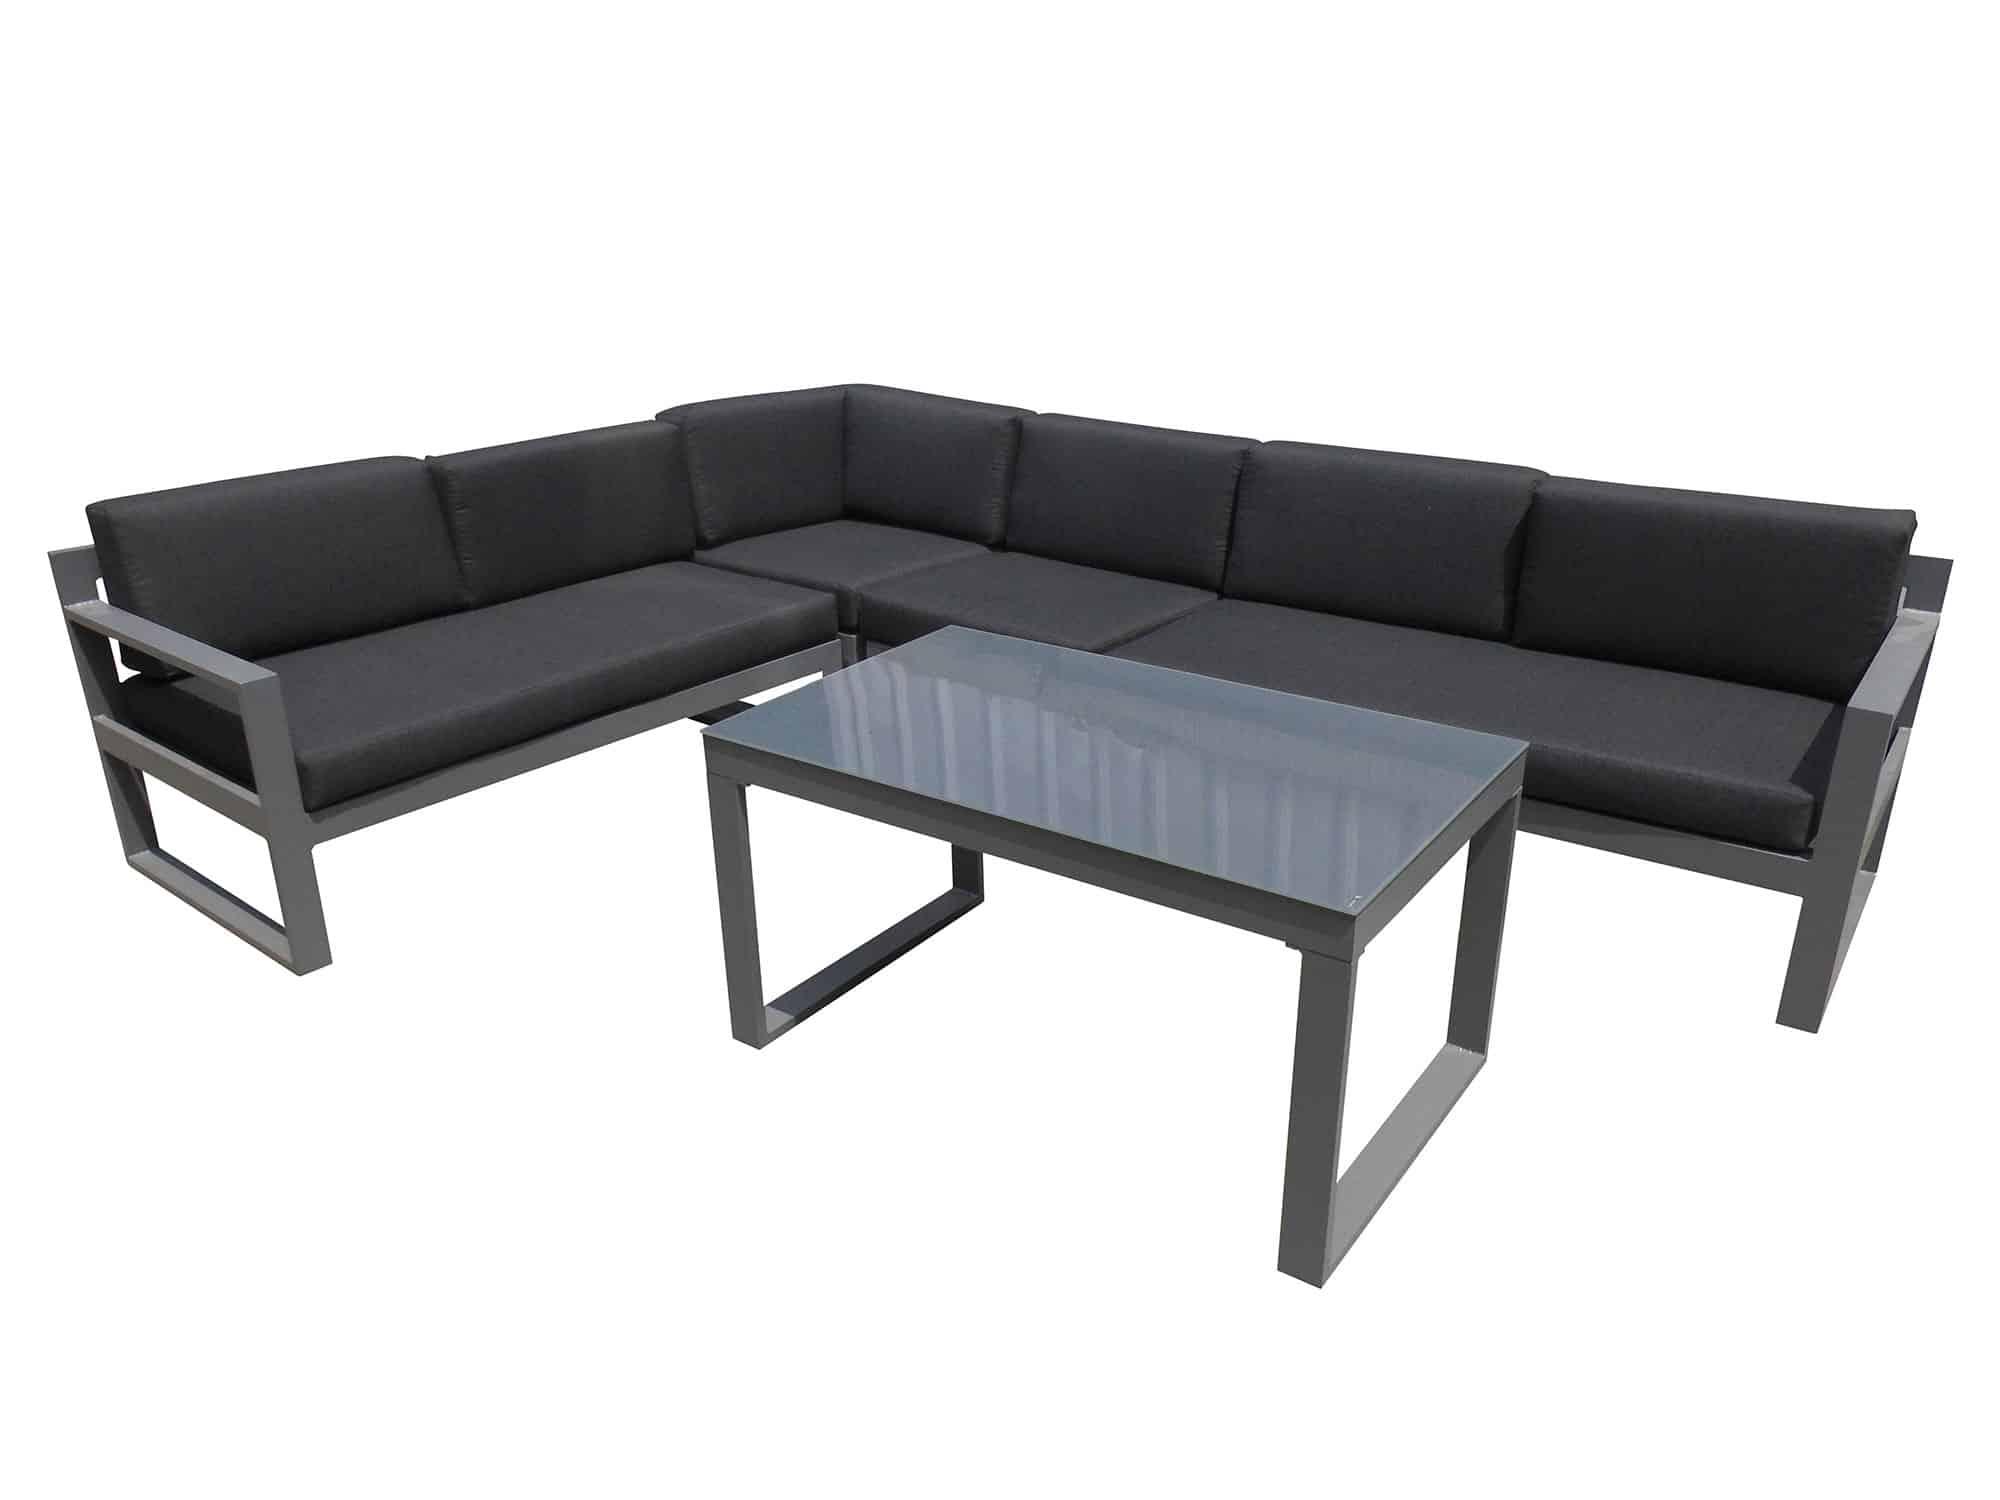 Produktbilde - Belize hjørnegruppe med bord - grå - Hartman Nordic